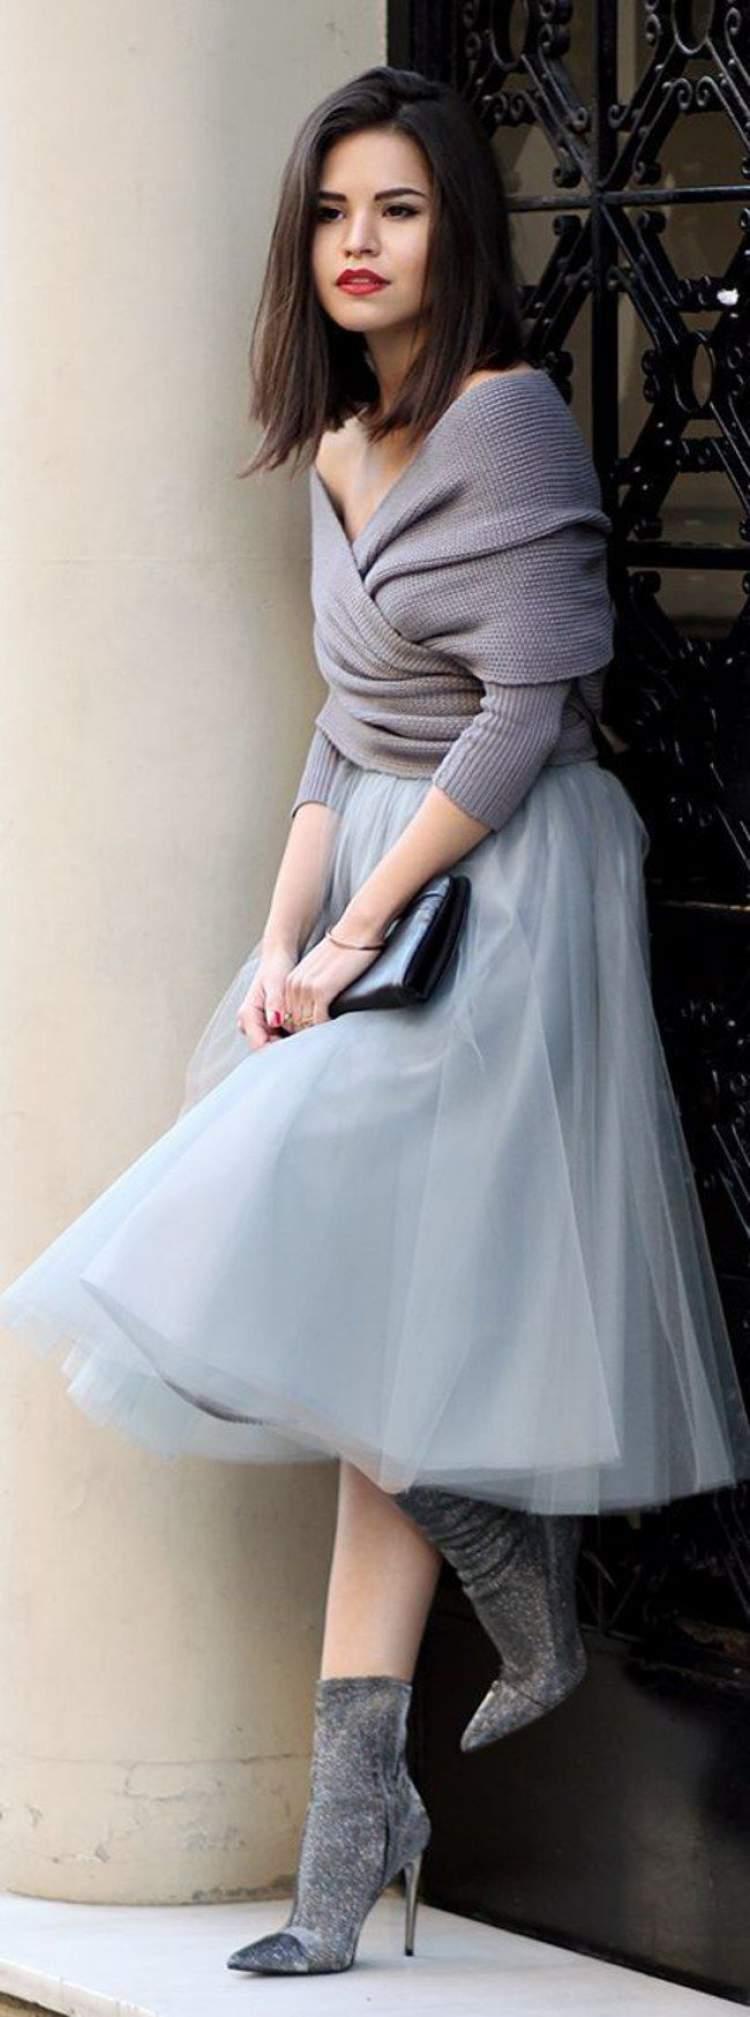 Vestidos de manga longa são a melhor opção para dias mais frescos